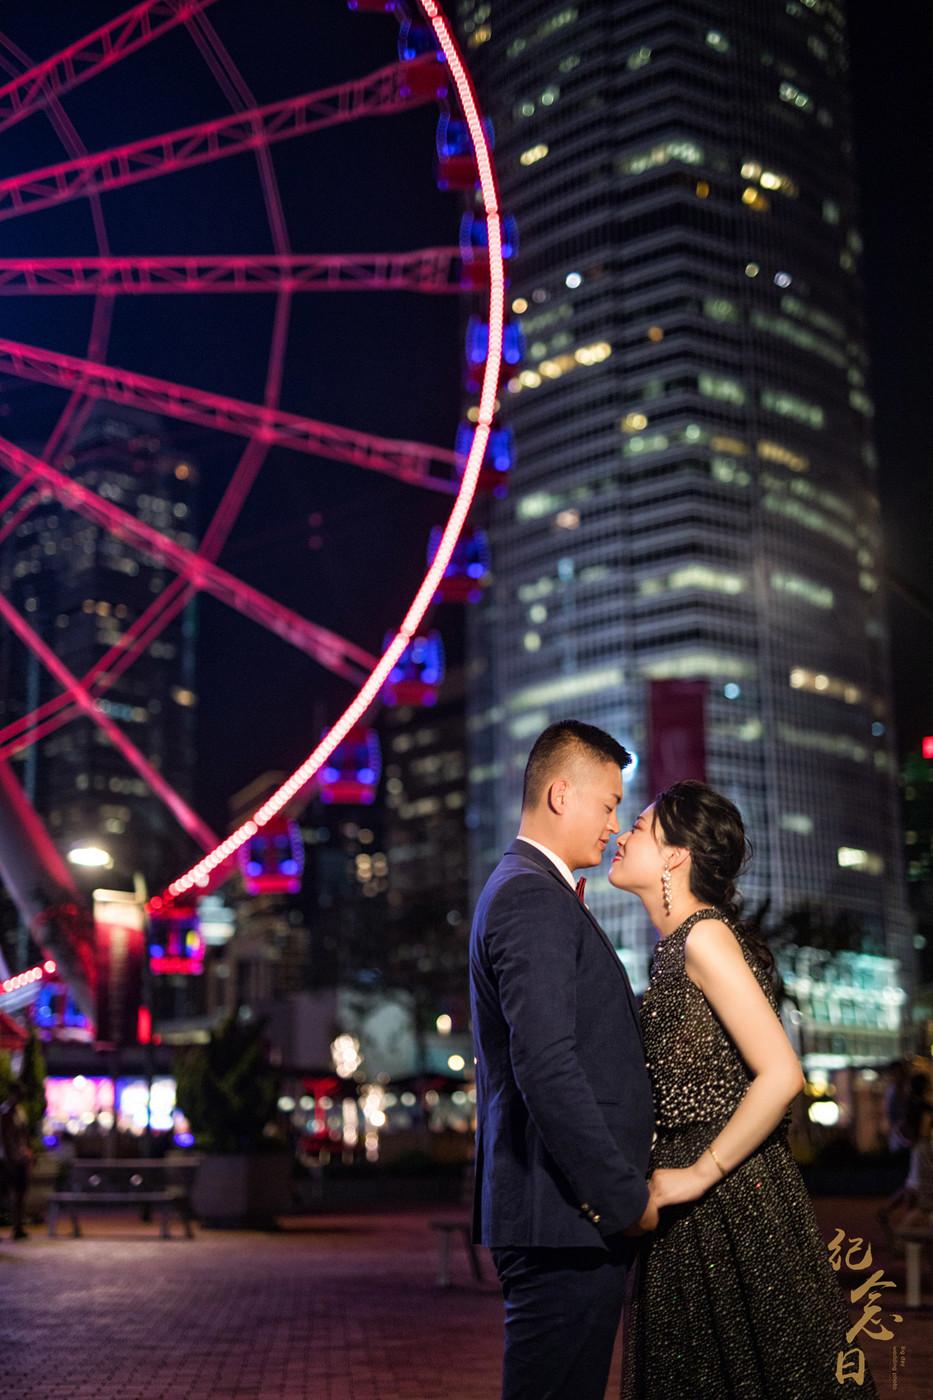 香港旅拍 | 昭甫&梦迪16